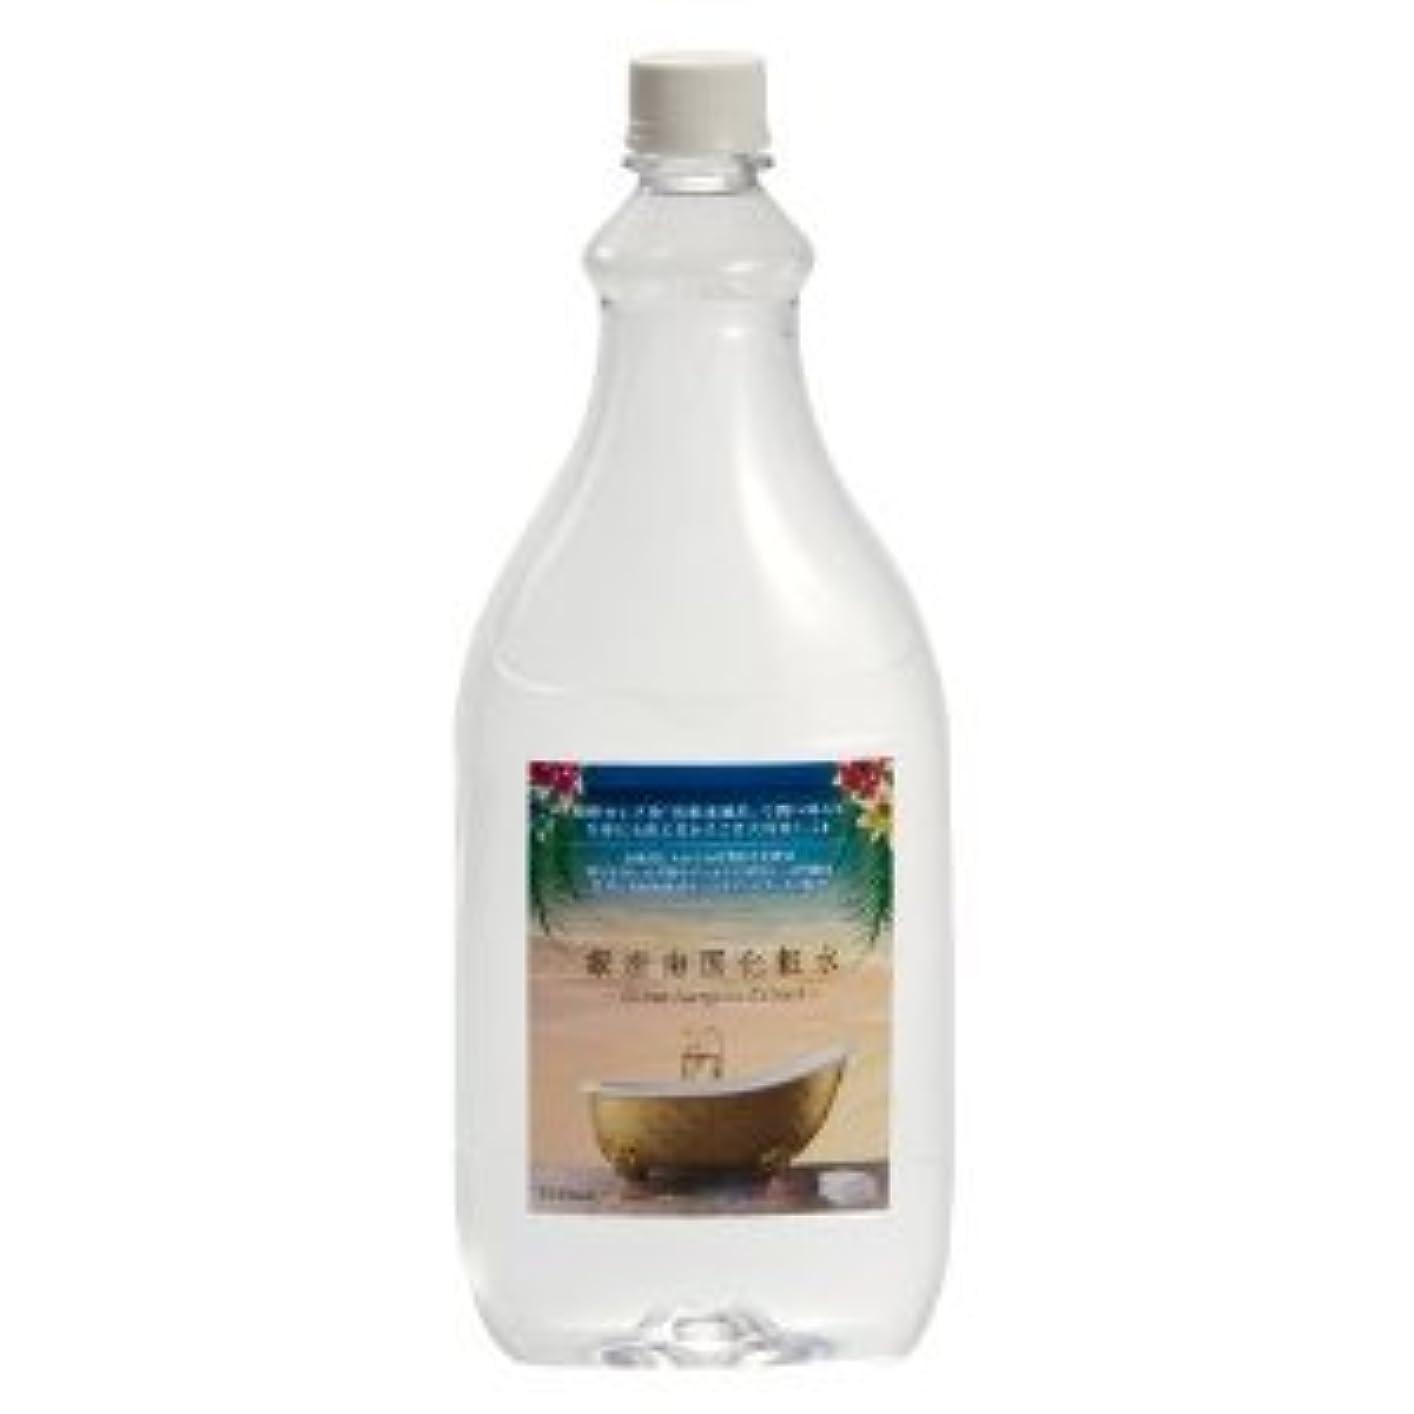 配置電話インデックス銀座南国化粧水 (1000ml) スプレーボトル付きセット